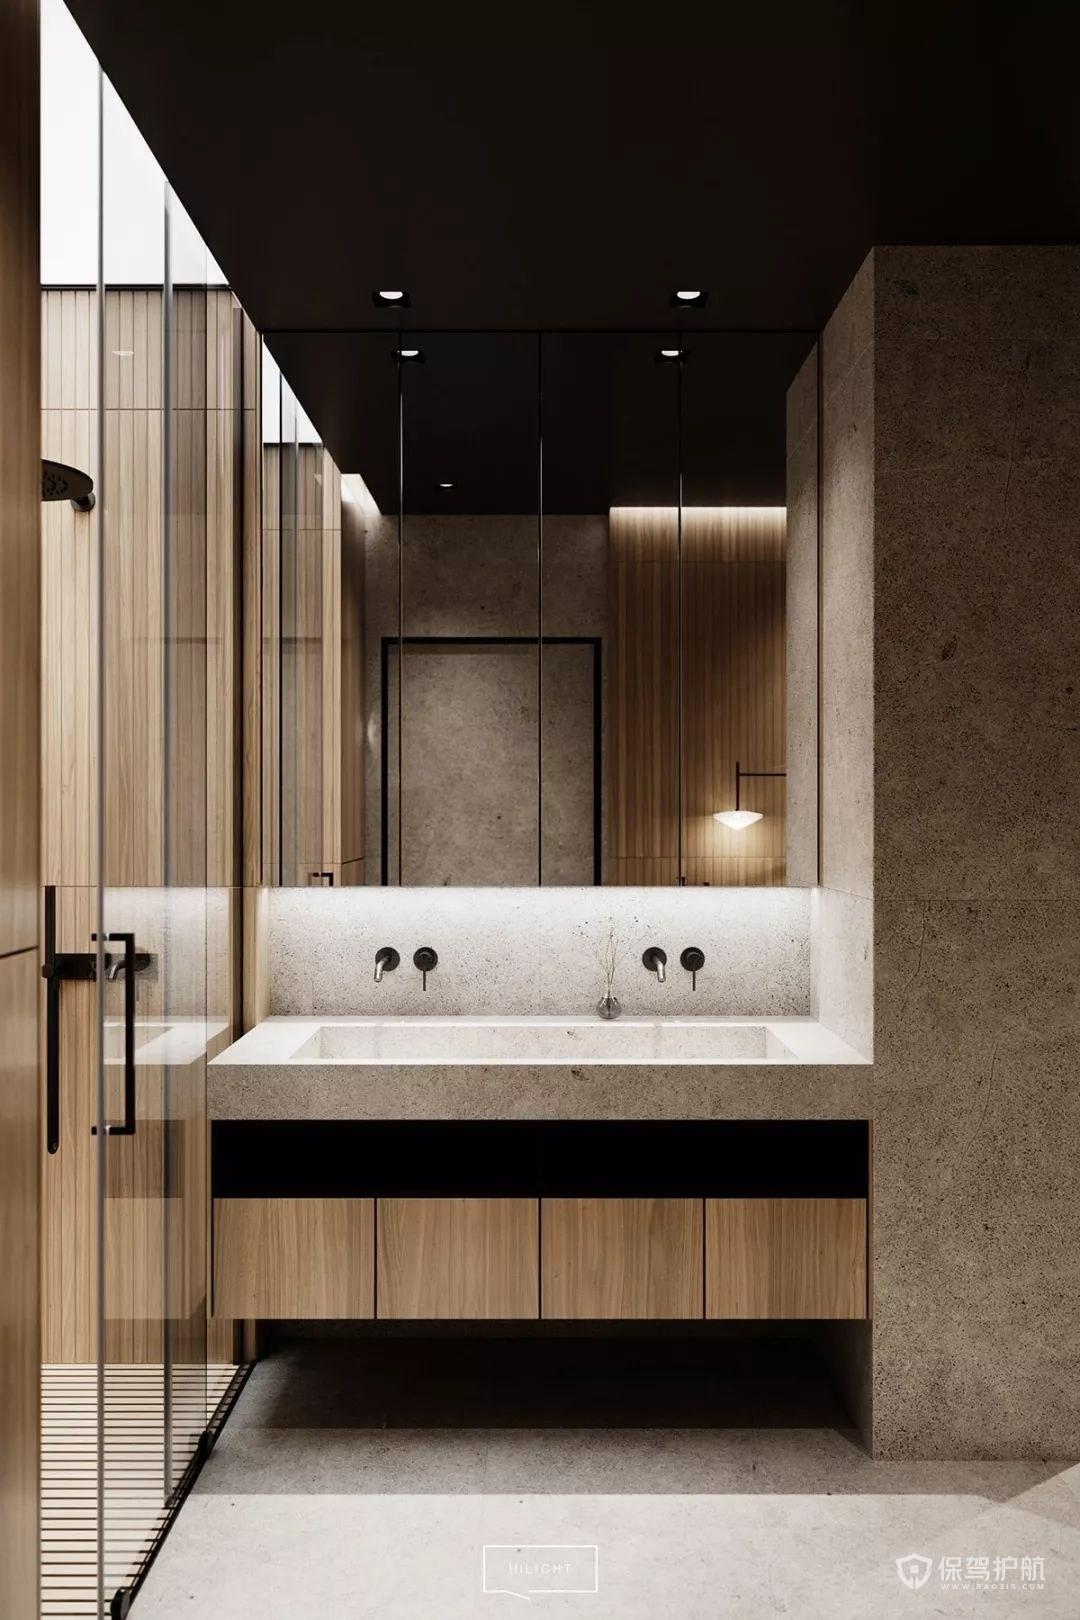 別墅衛生間洗臉盆裝修設計